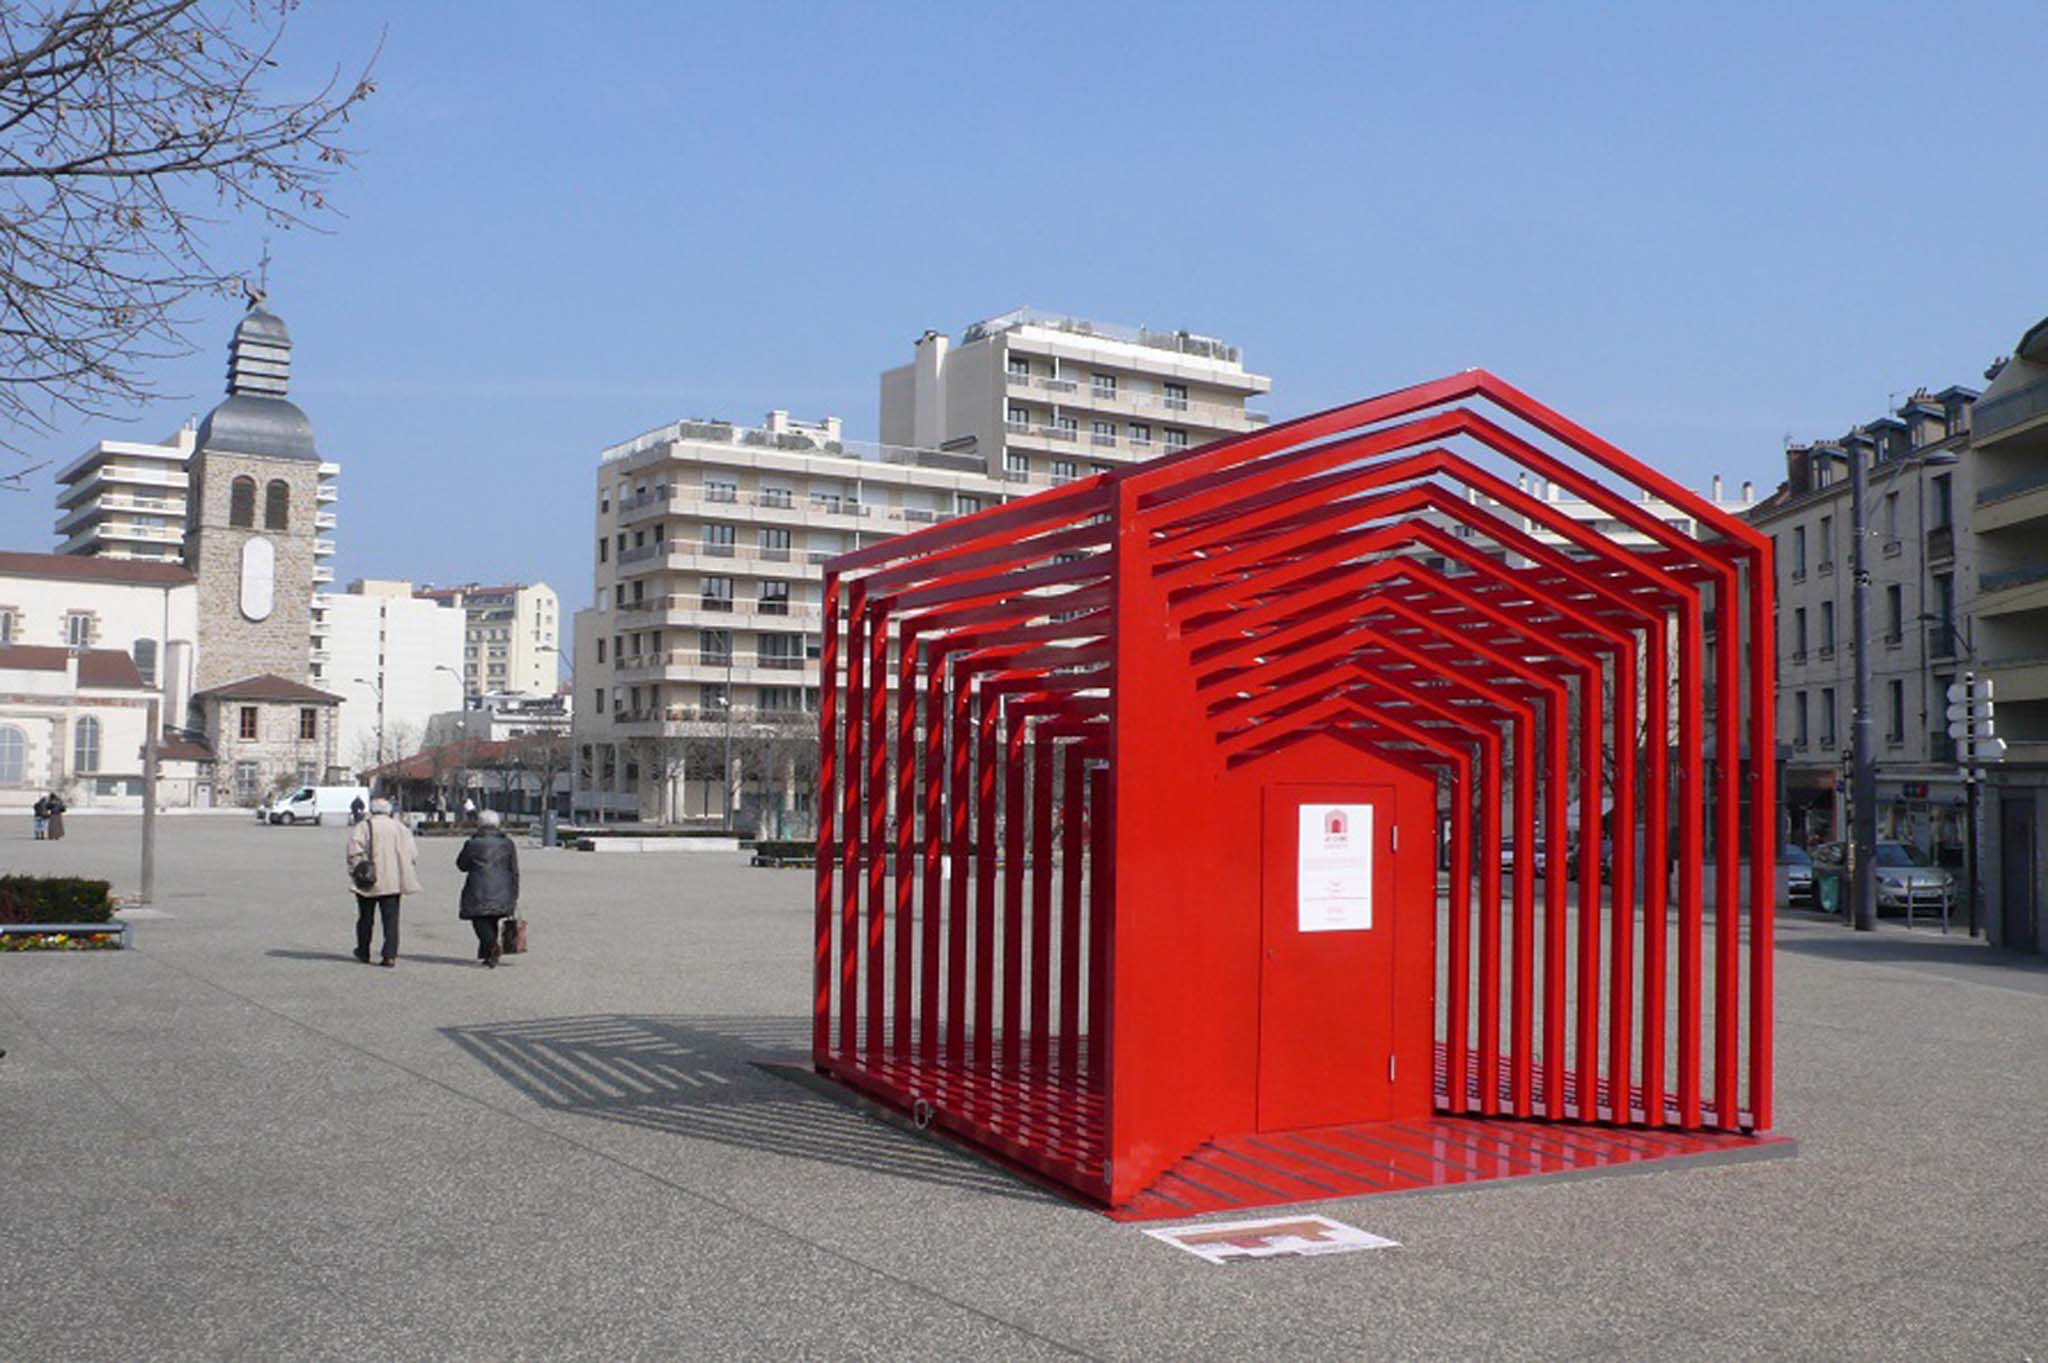 Saint tienne le mobilier urbain exp rimental investit - Mobilier jardin d ulysse saint etienne ...